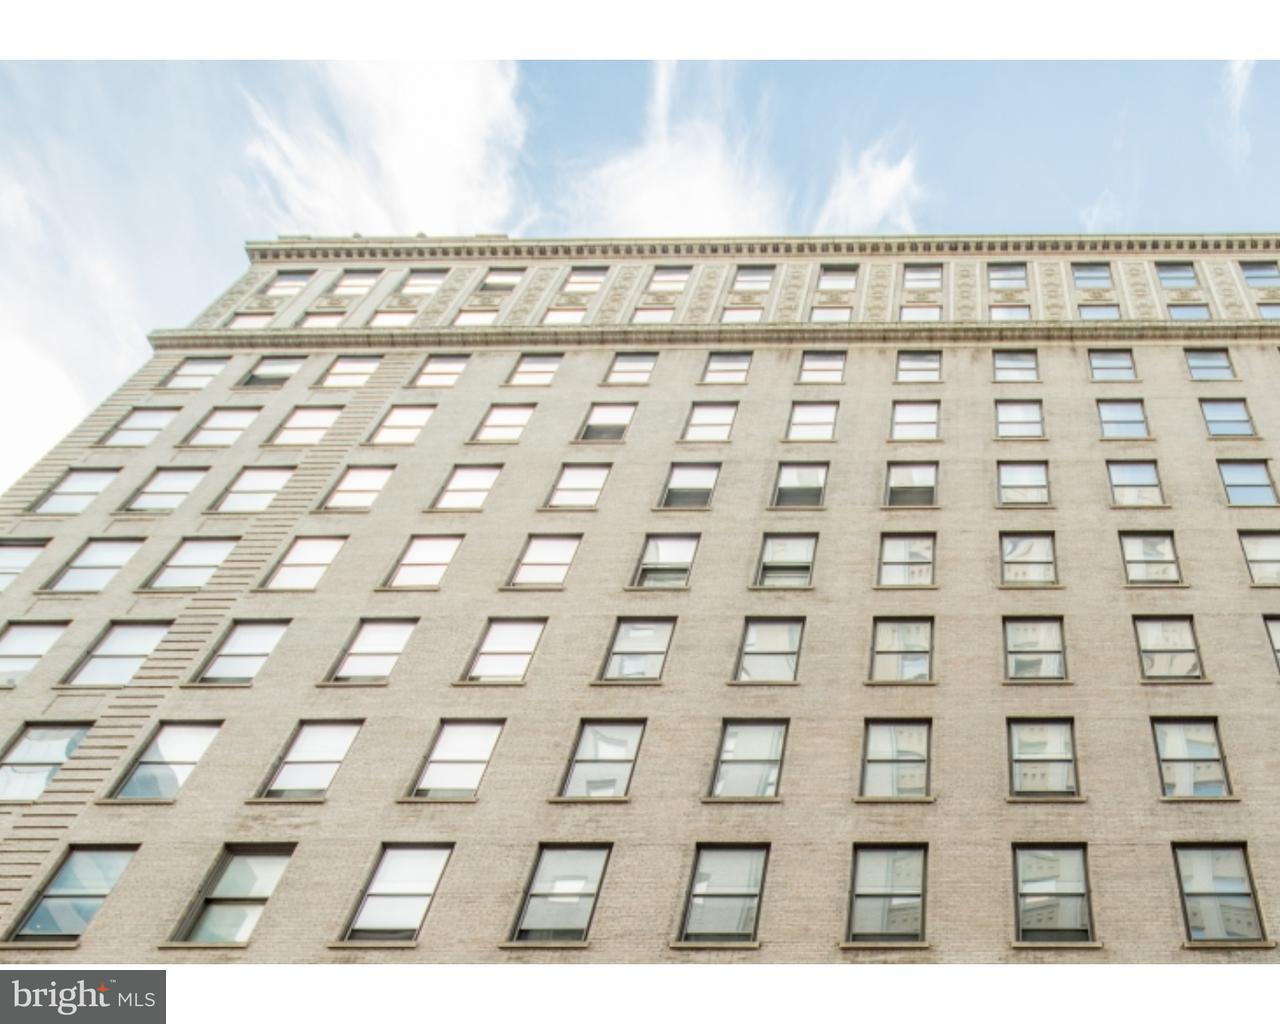 独户住宅 为 出租 在 1600 WALNUT ST #306 费城, 宾夕法尼亚州 19103 美国